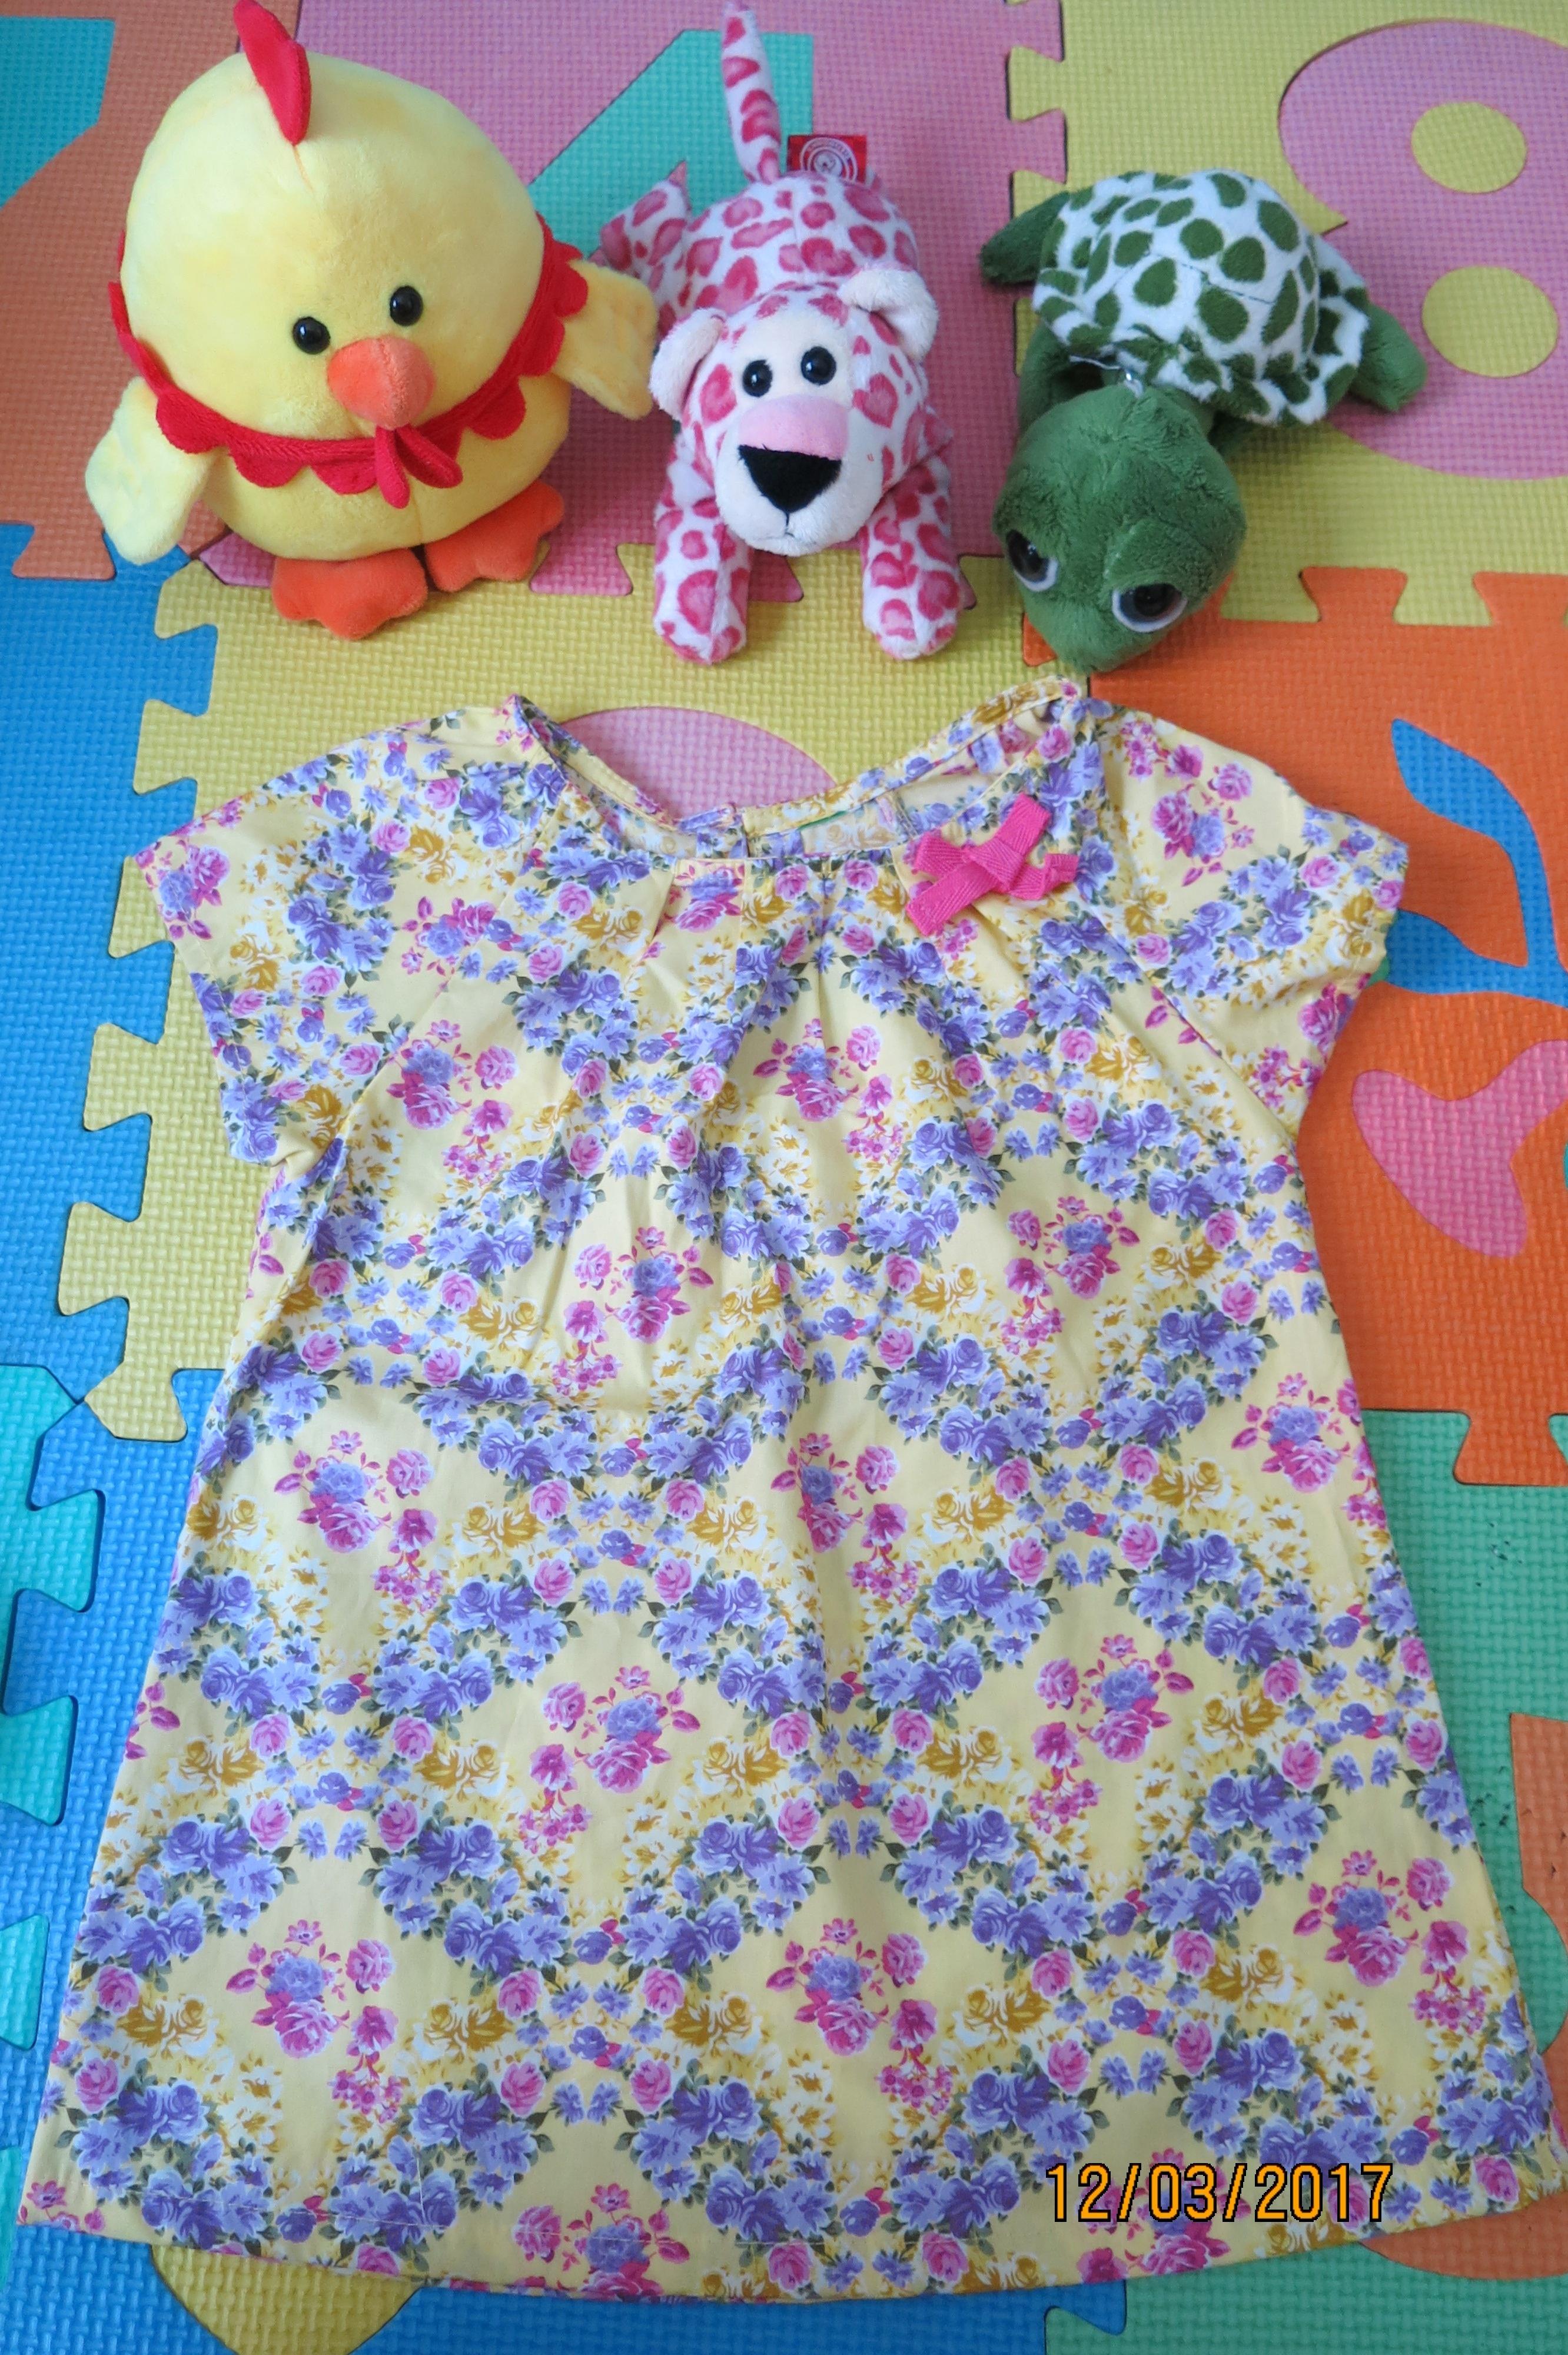 เสื้อเด็ก D2 (3-4 ขวบ) ลายดอกไม้สีเหลือง-ม่วง